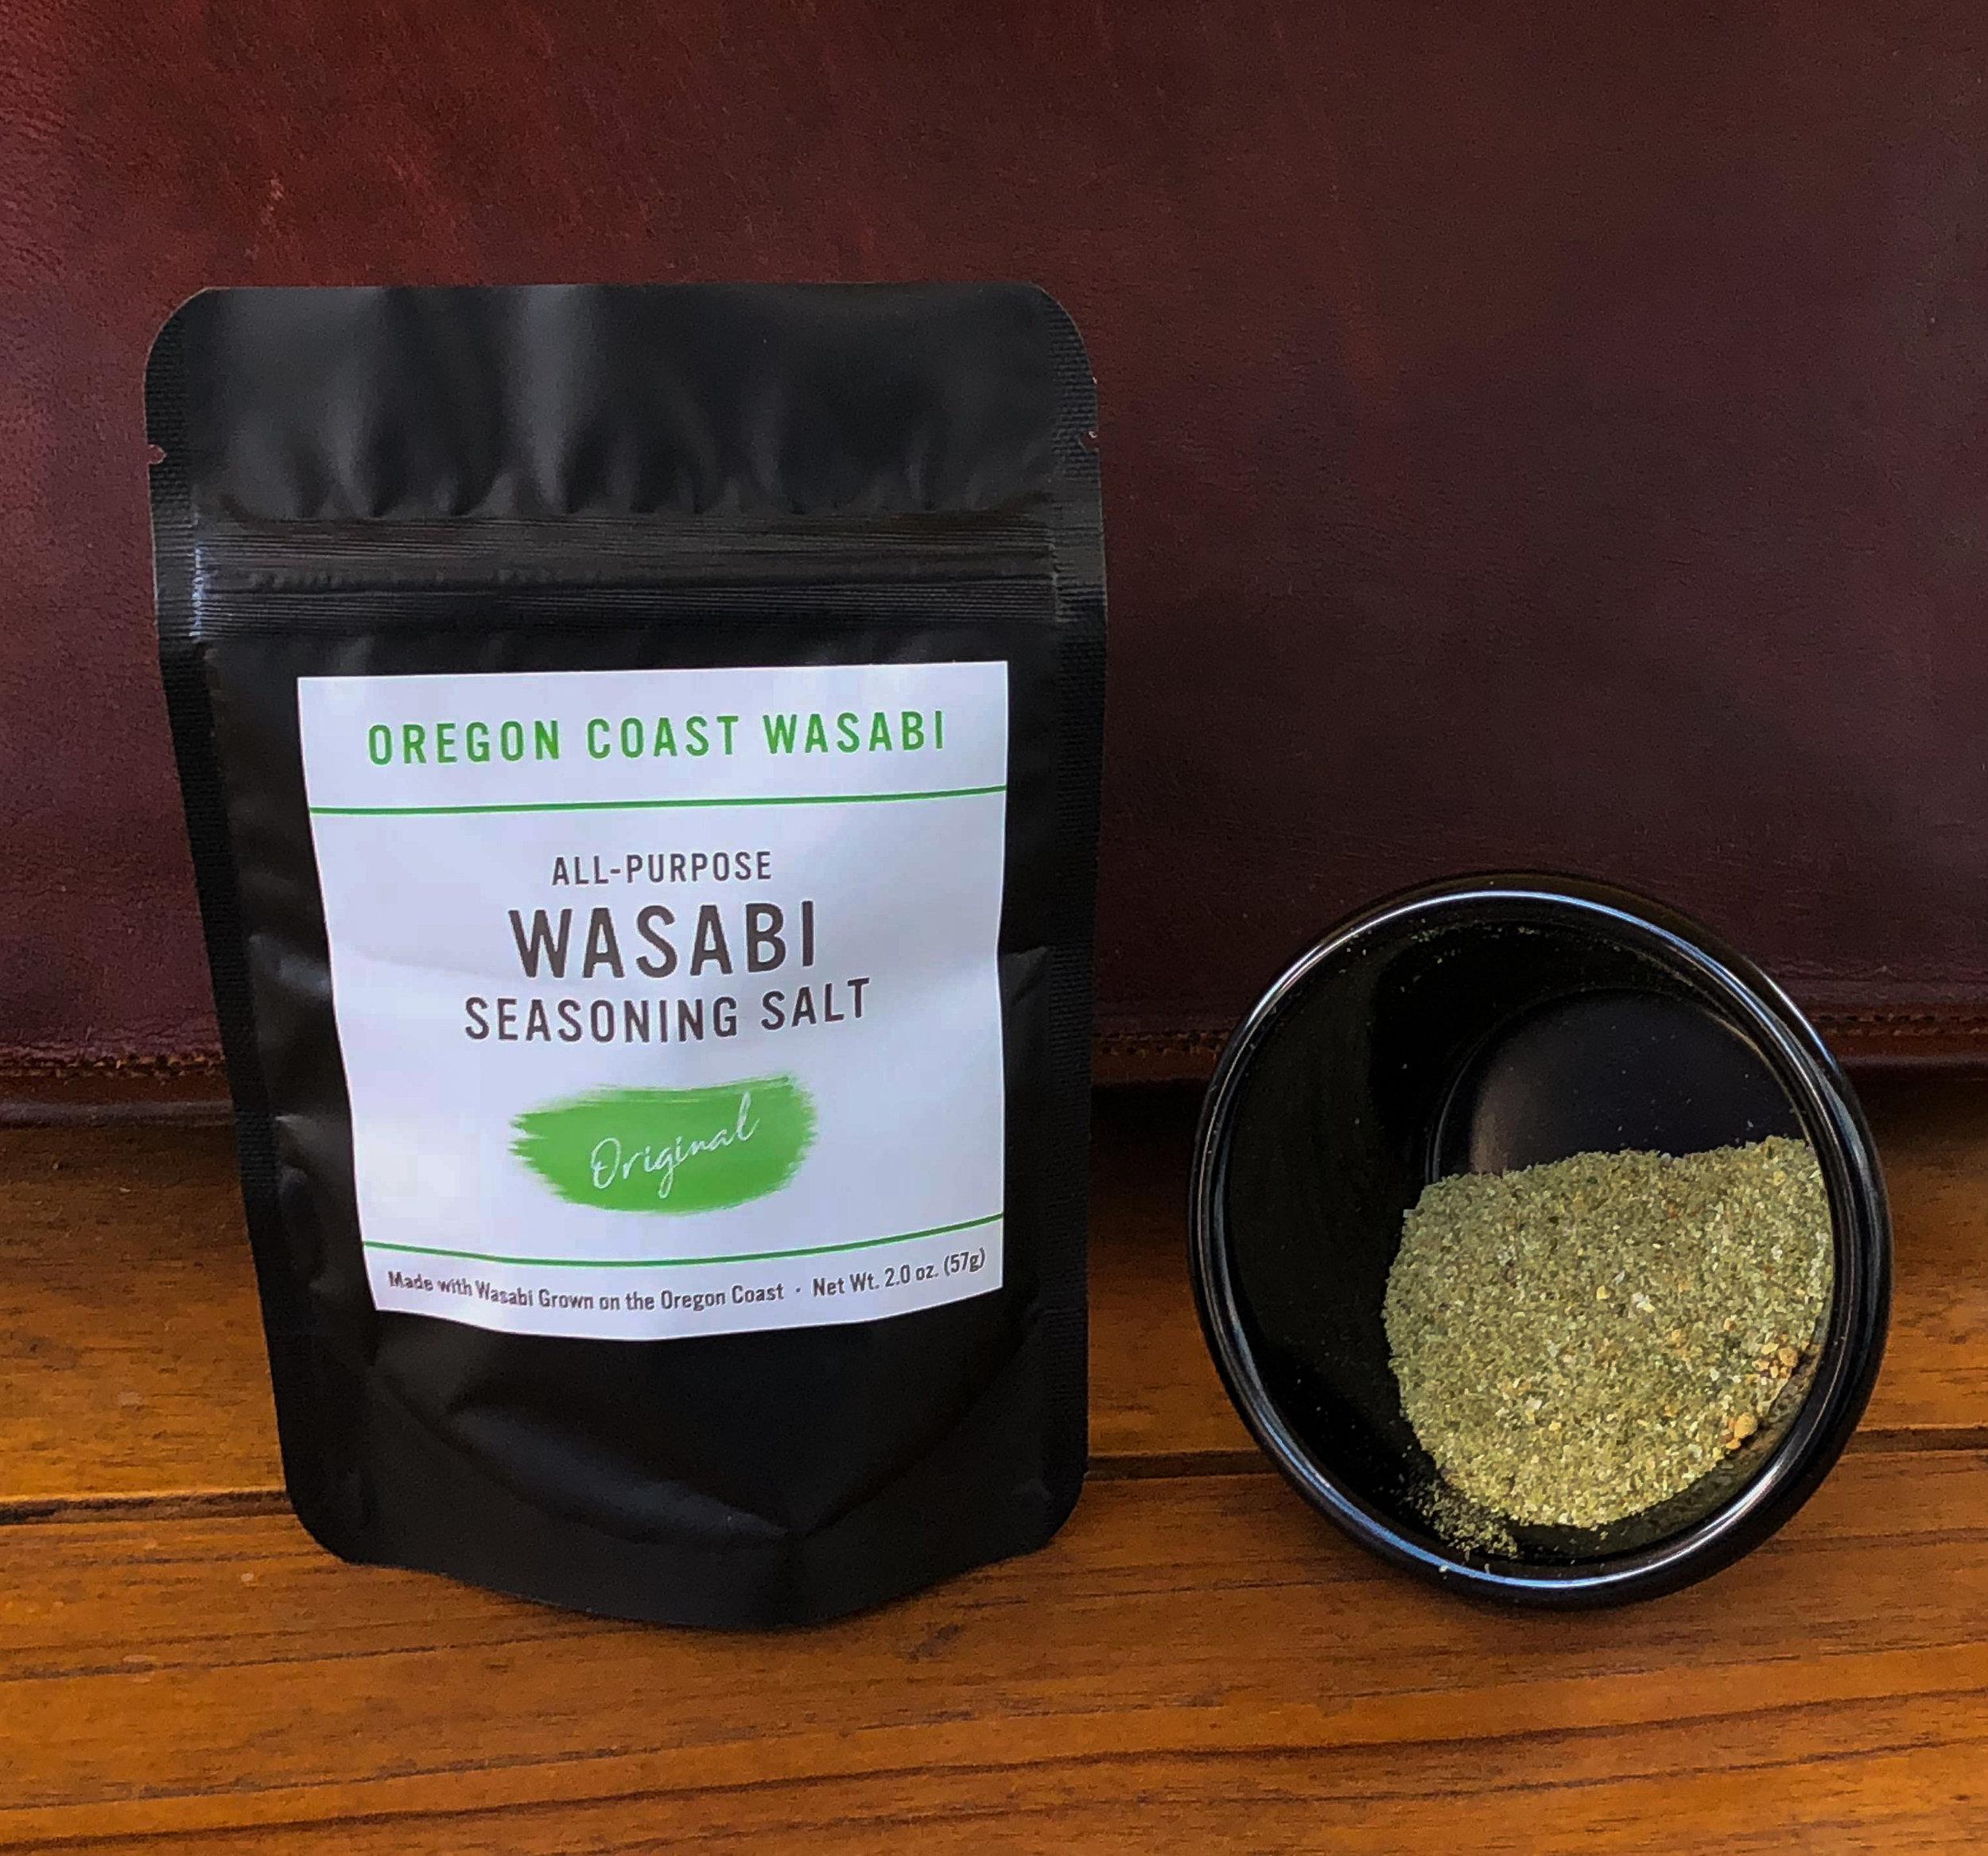 Oregon Coast Wasabi All Purpose Seasoning Salt -206.jpg